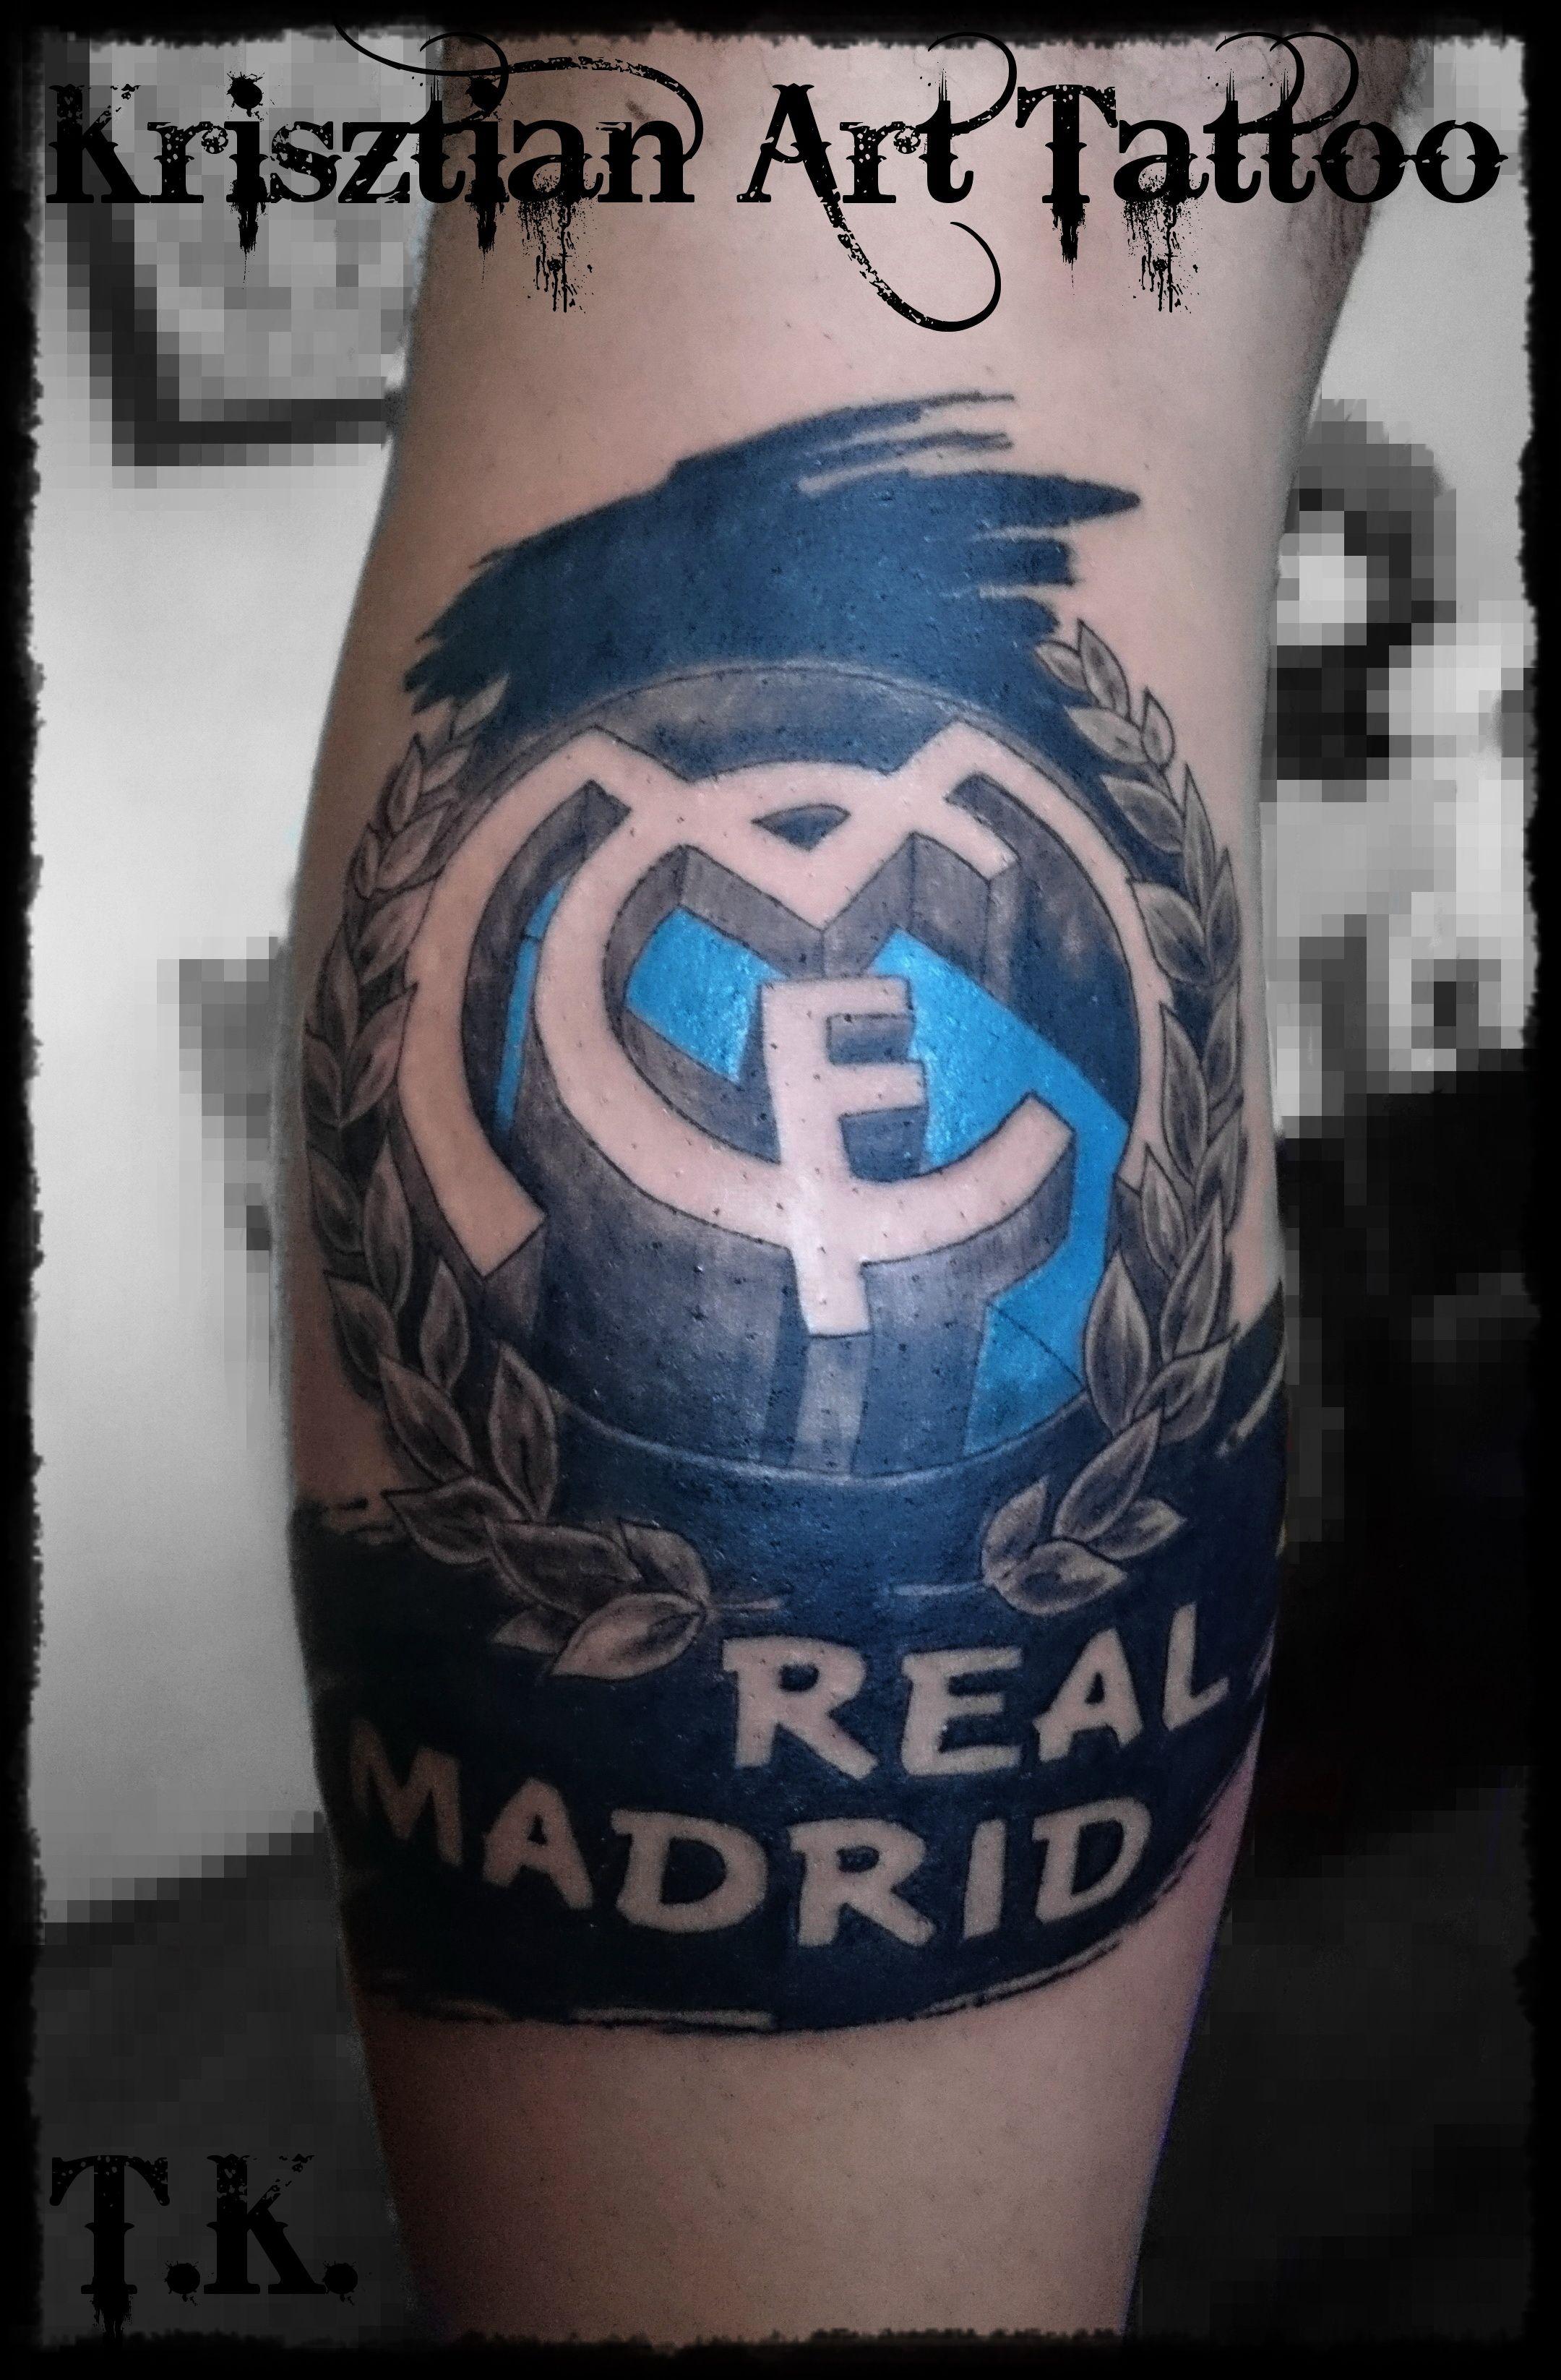 Real Tattoo: Krisztian Art Tattoo - Real Madrid